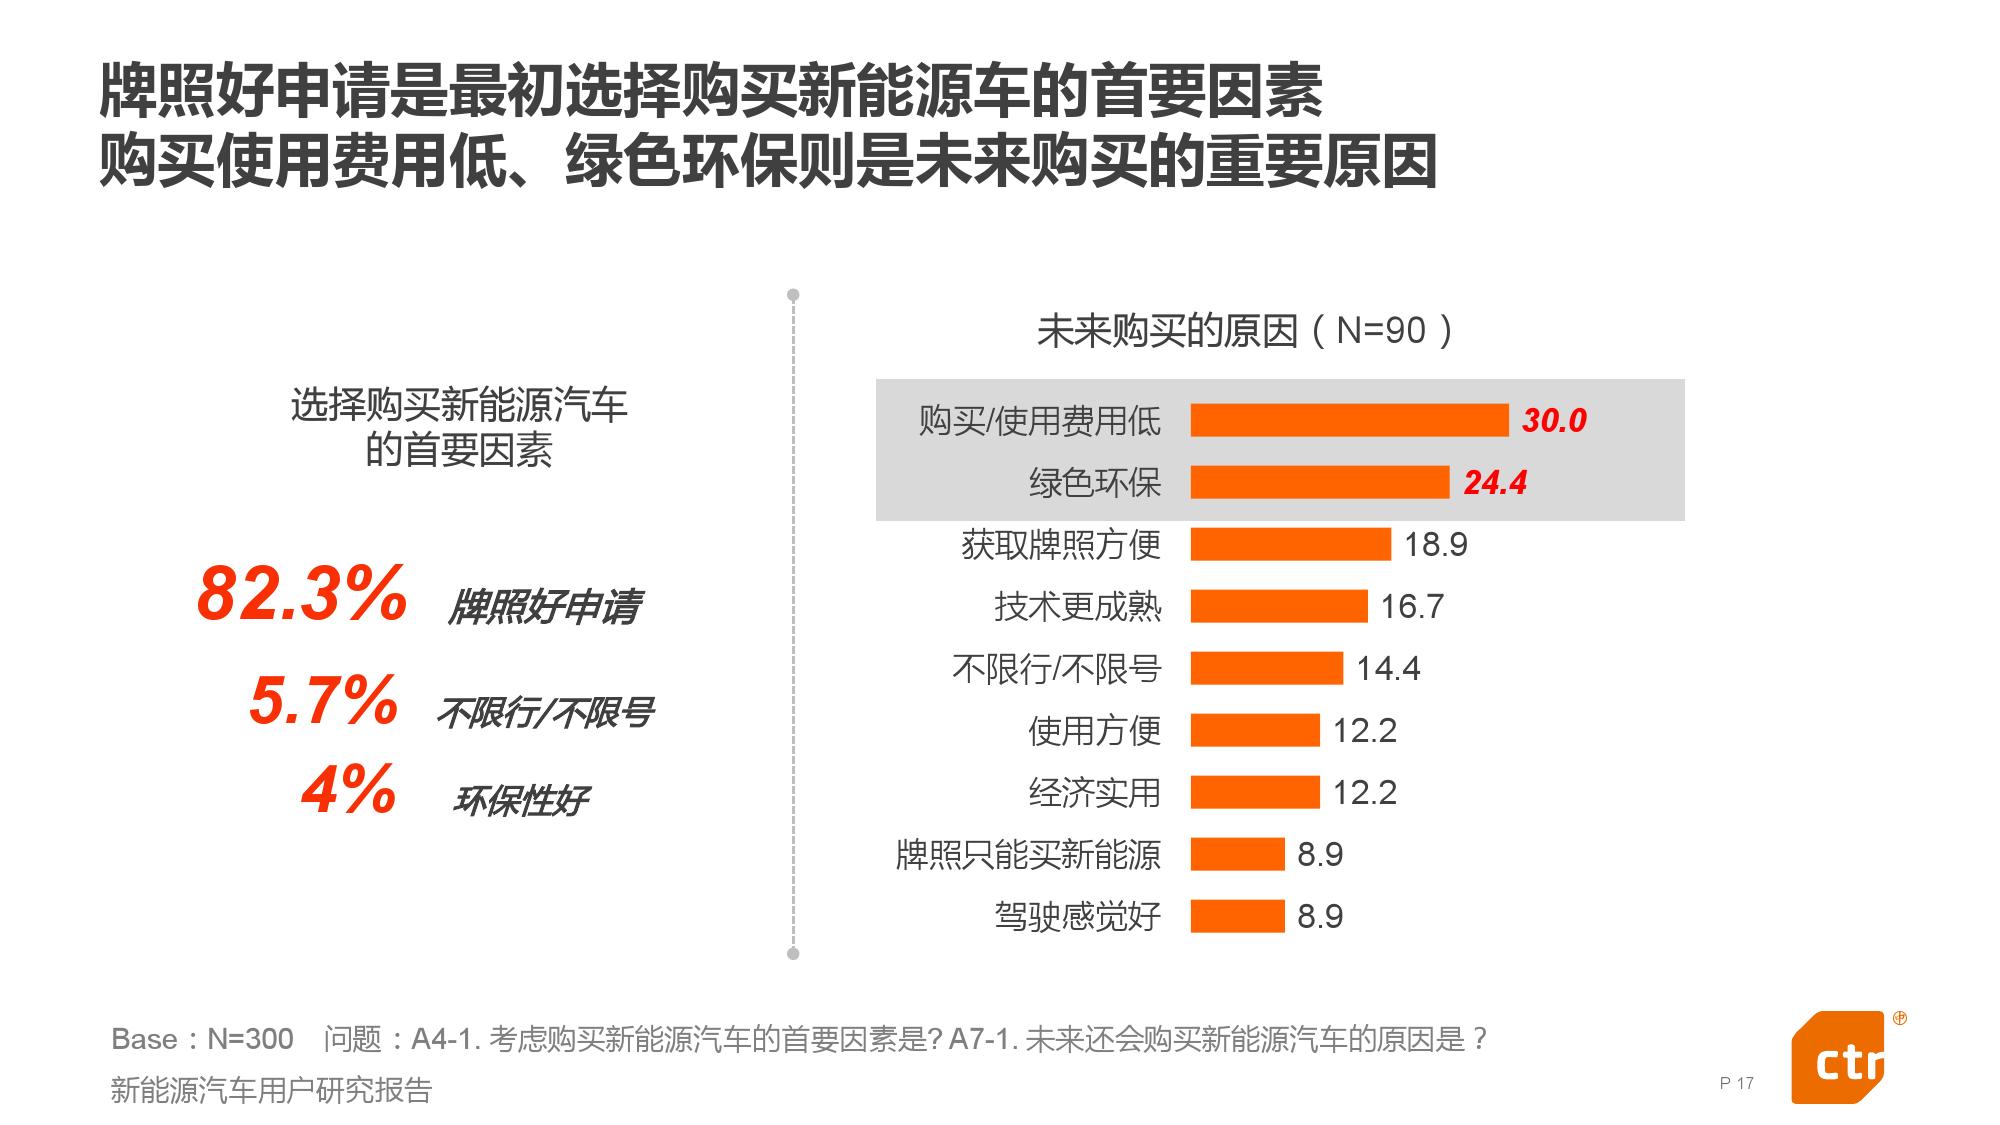 新能源汽车用户研究报告_000017